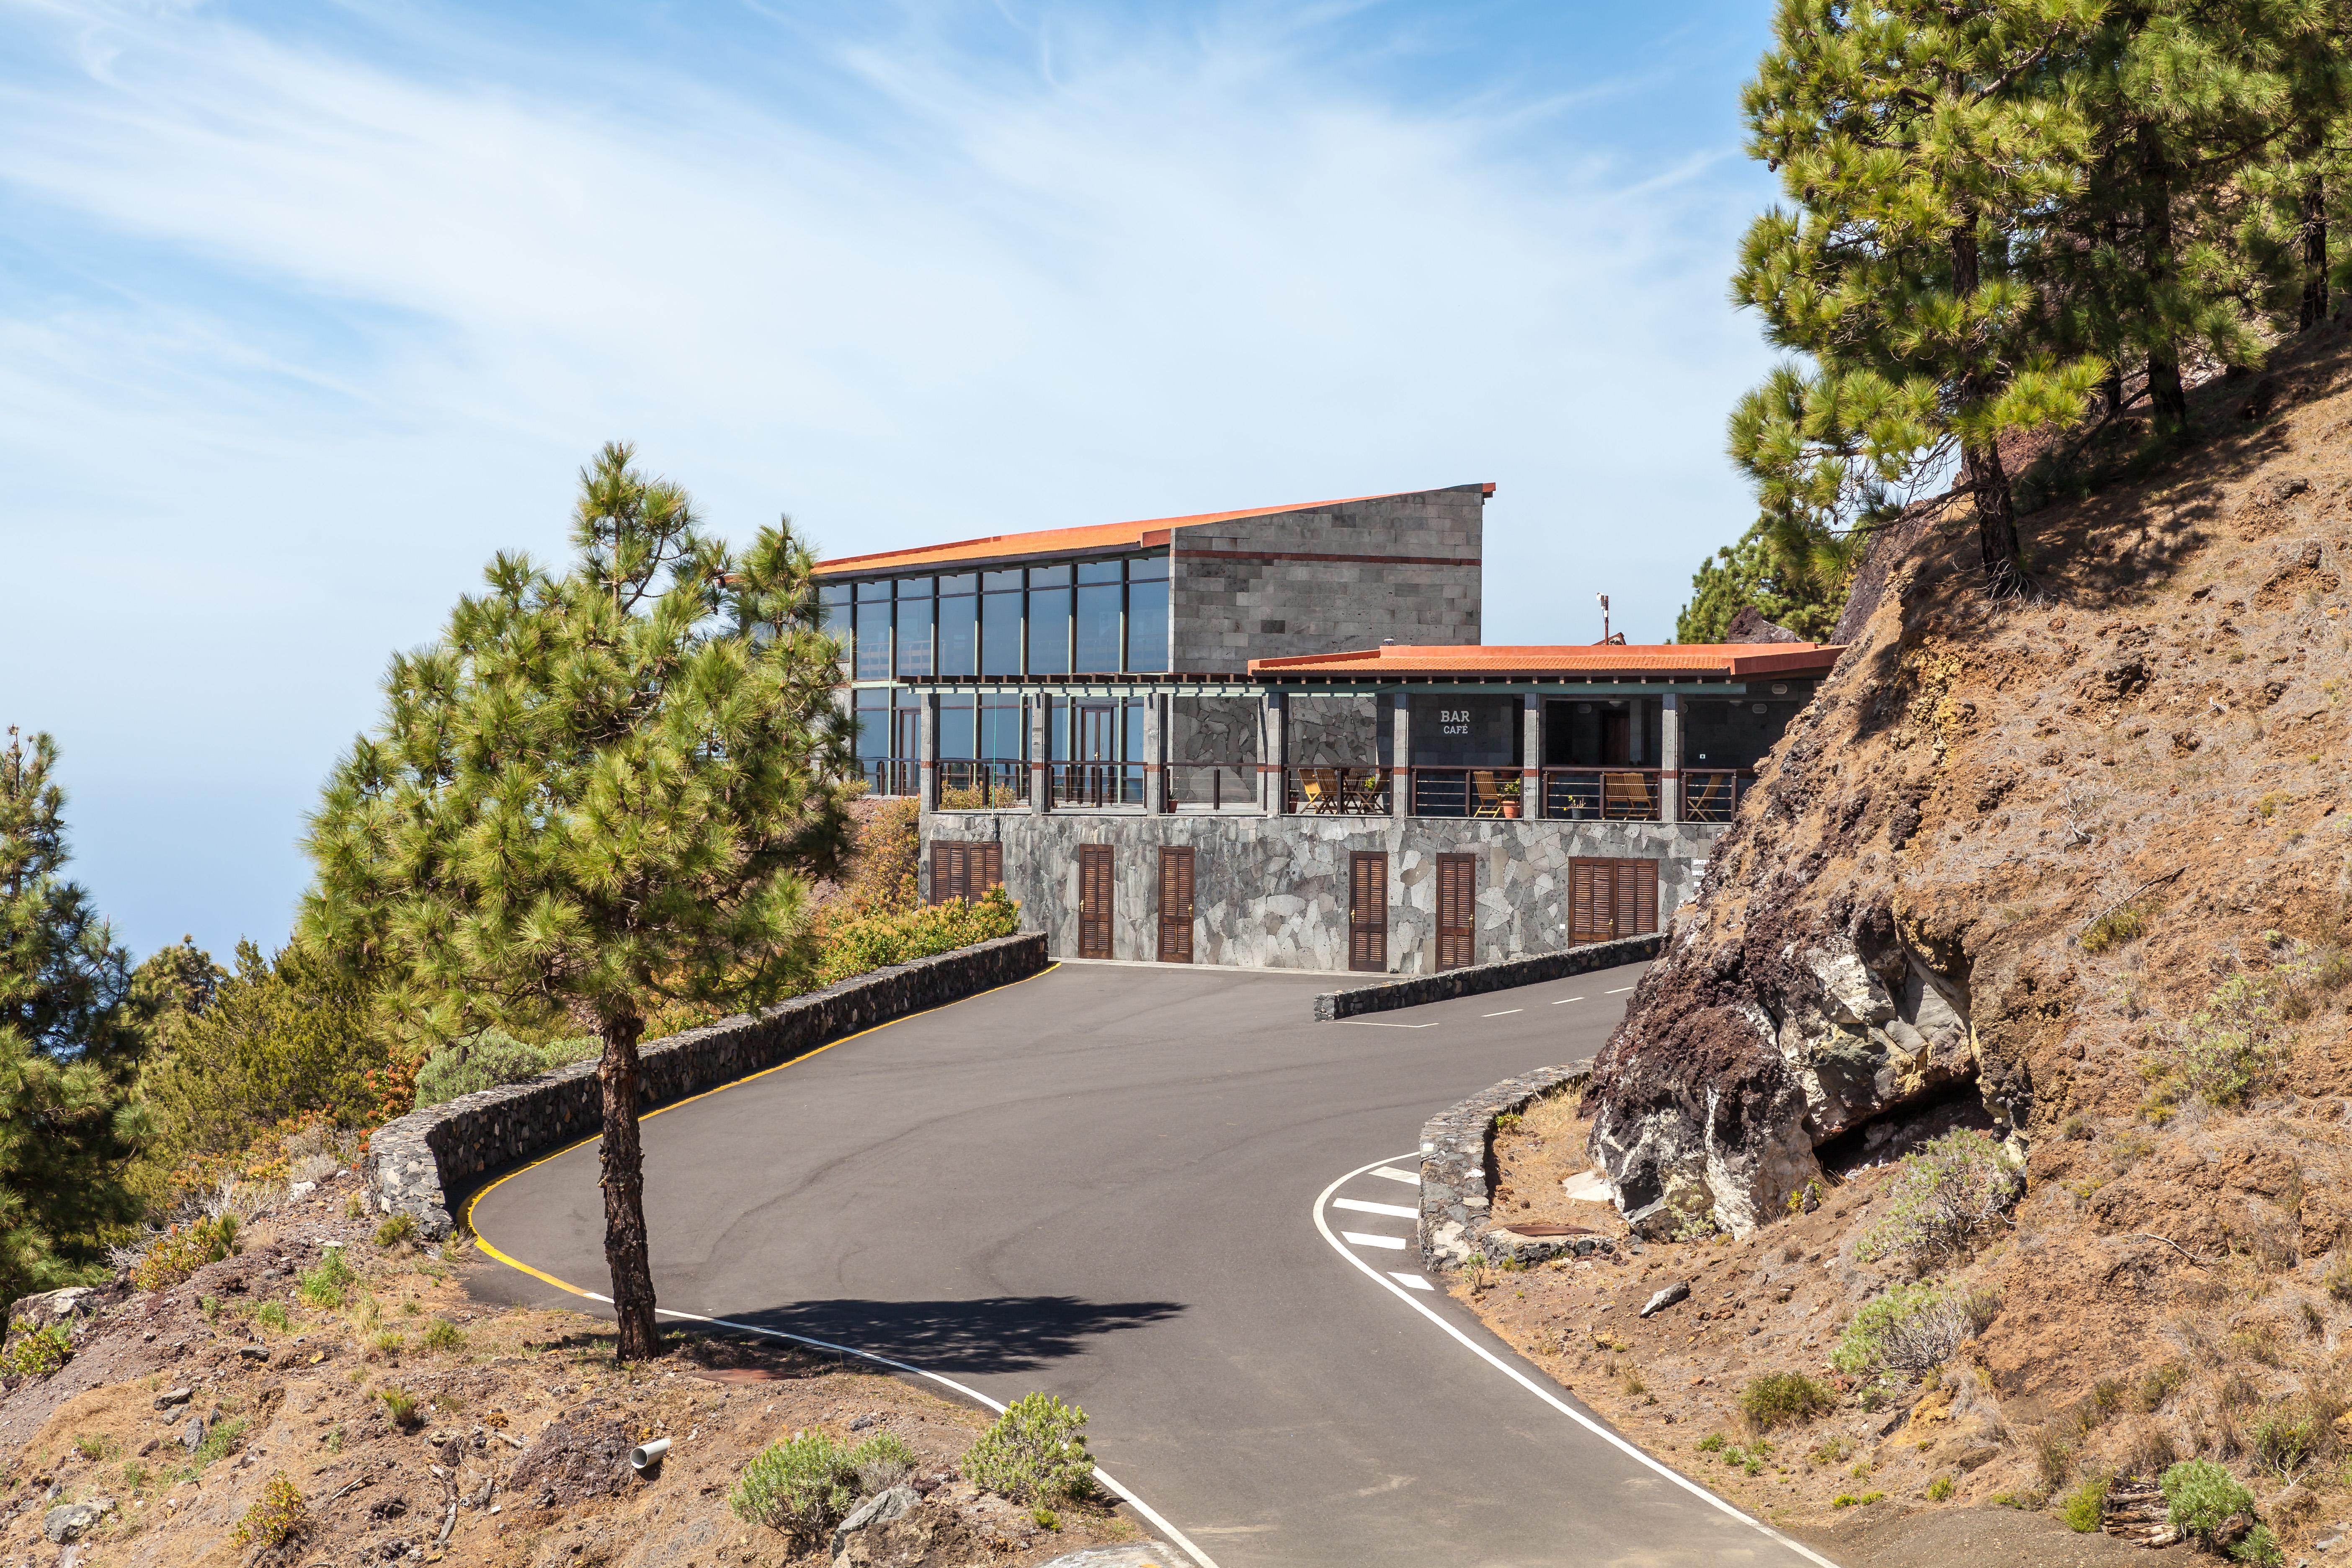 Centro de Interpretación del Parque Cultural de El Julan en el Hierro